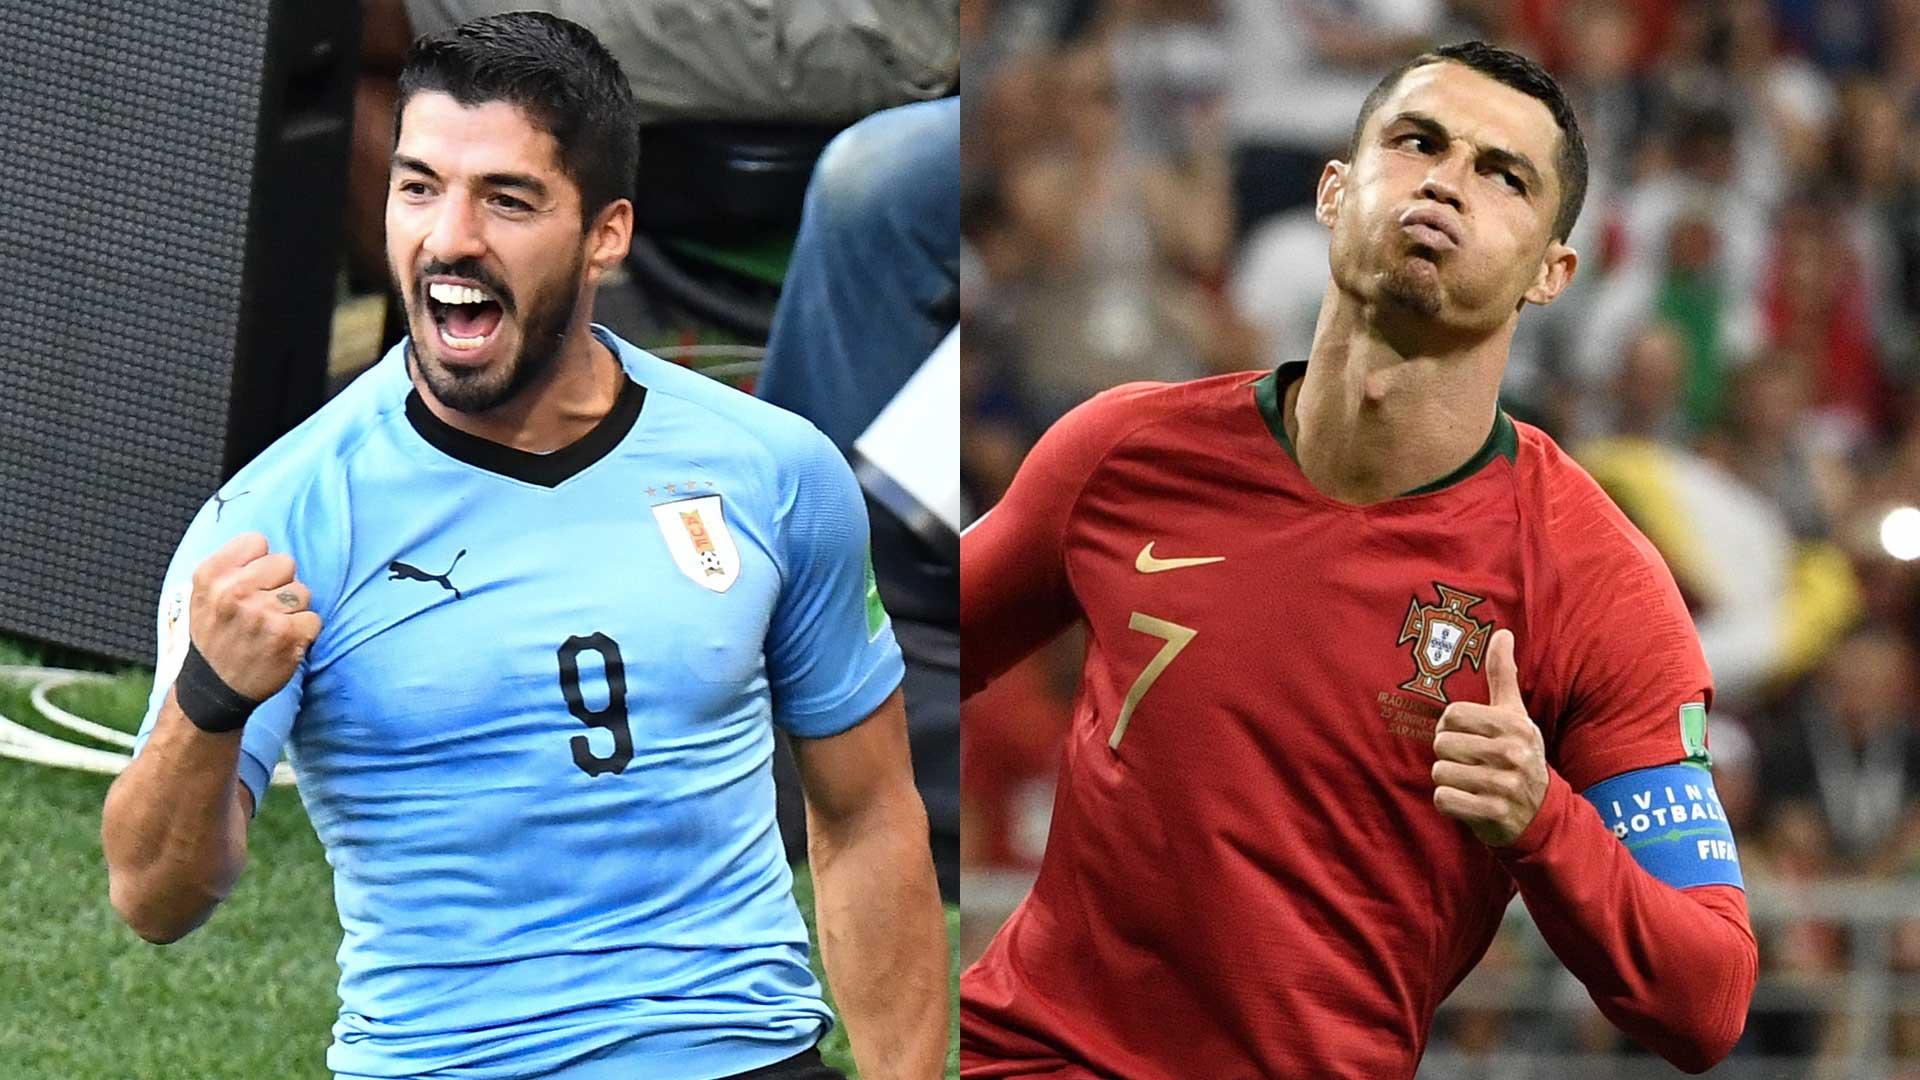 Russia 2018: Cavani manda a casa Cristiano Ronaldo, Uruguay ai quarti